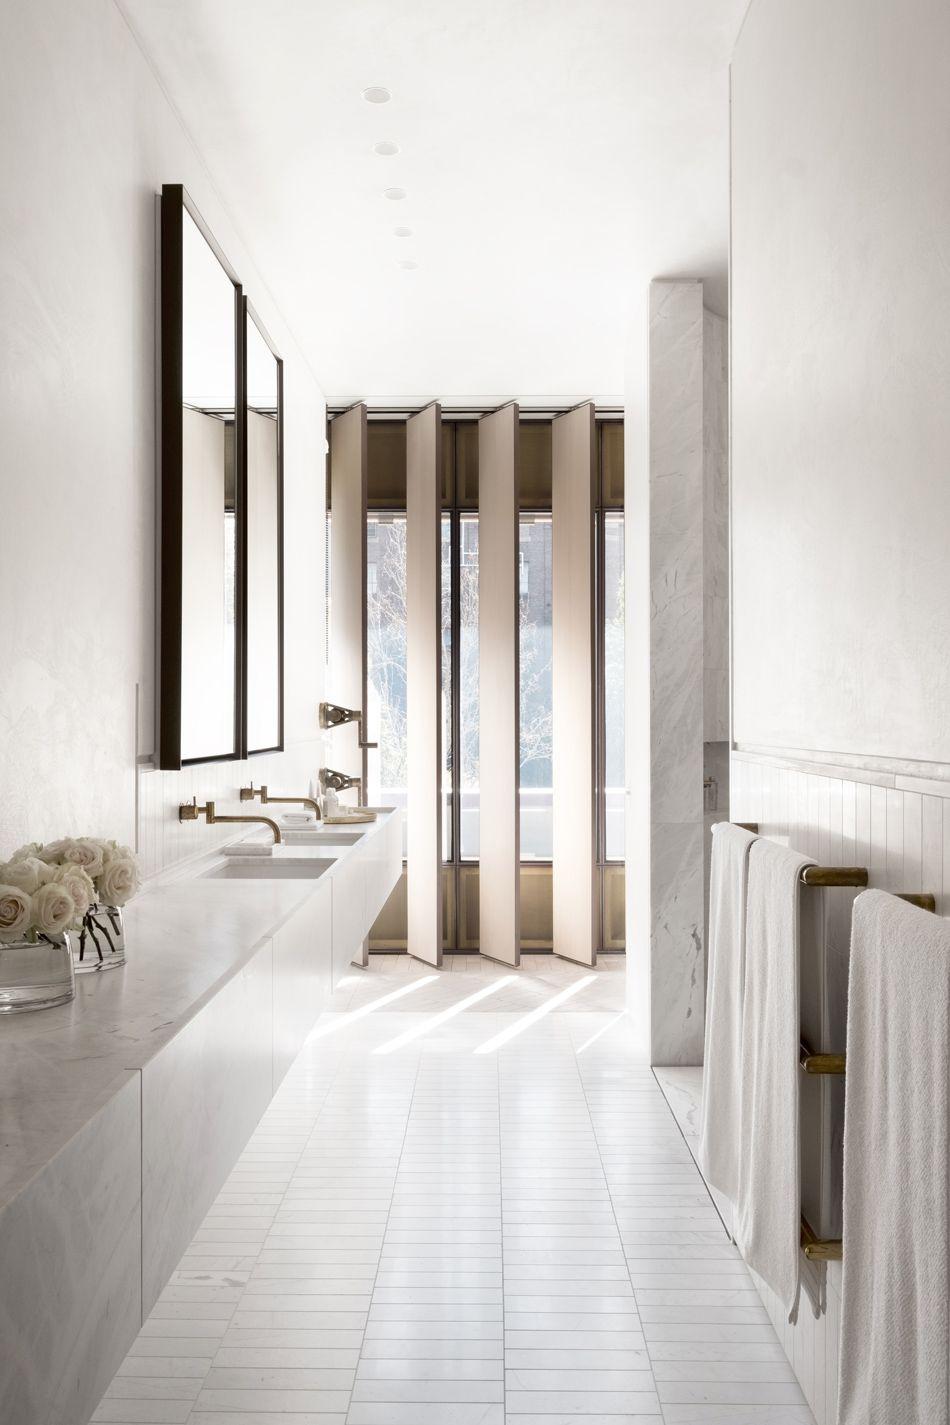 Best Residential Bathroom Design William Smart Indigo Slam ...